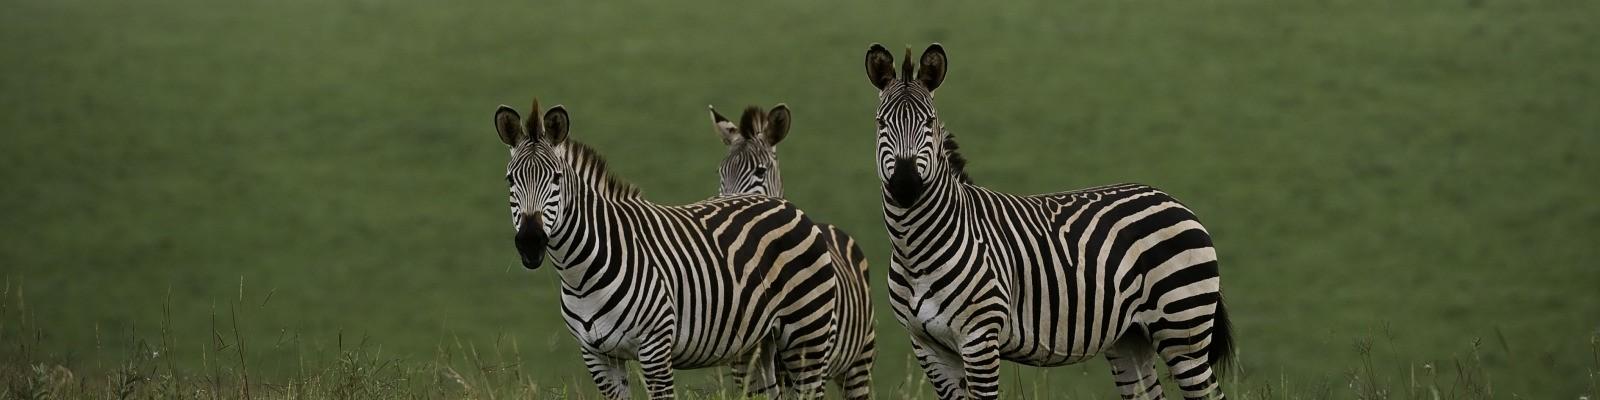 Malawi - Nyika - Zebras